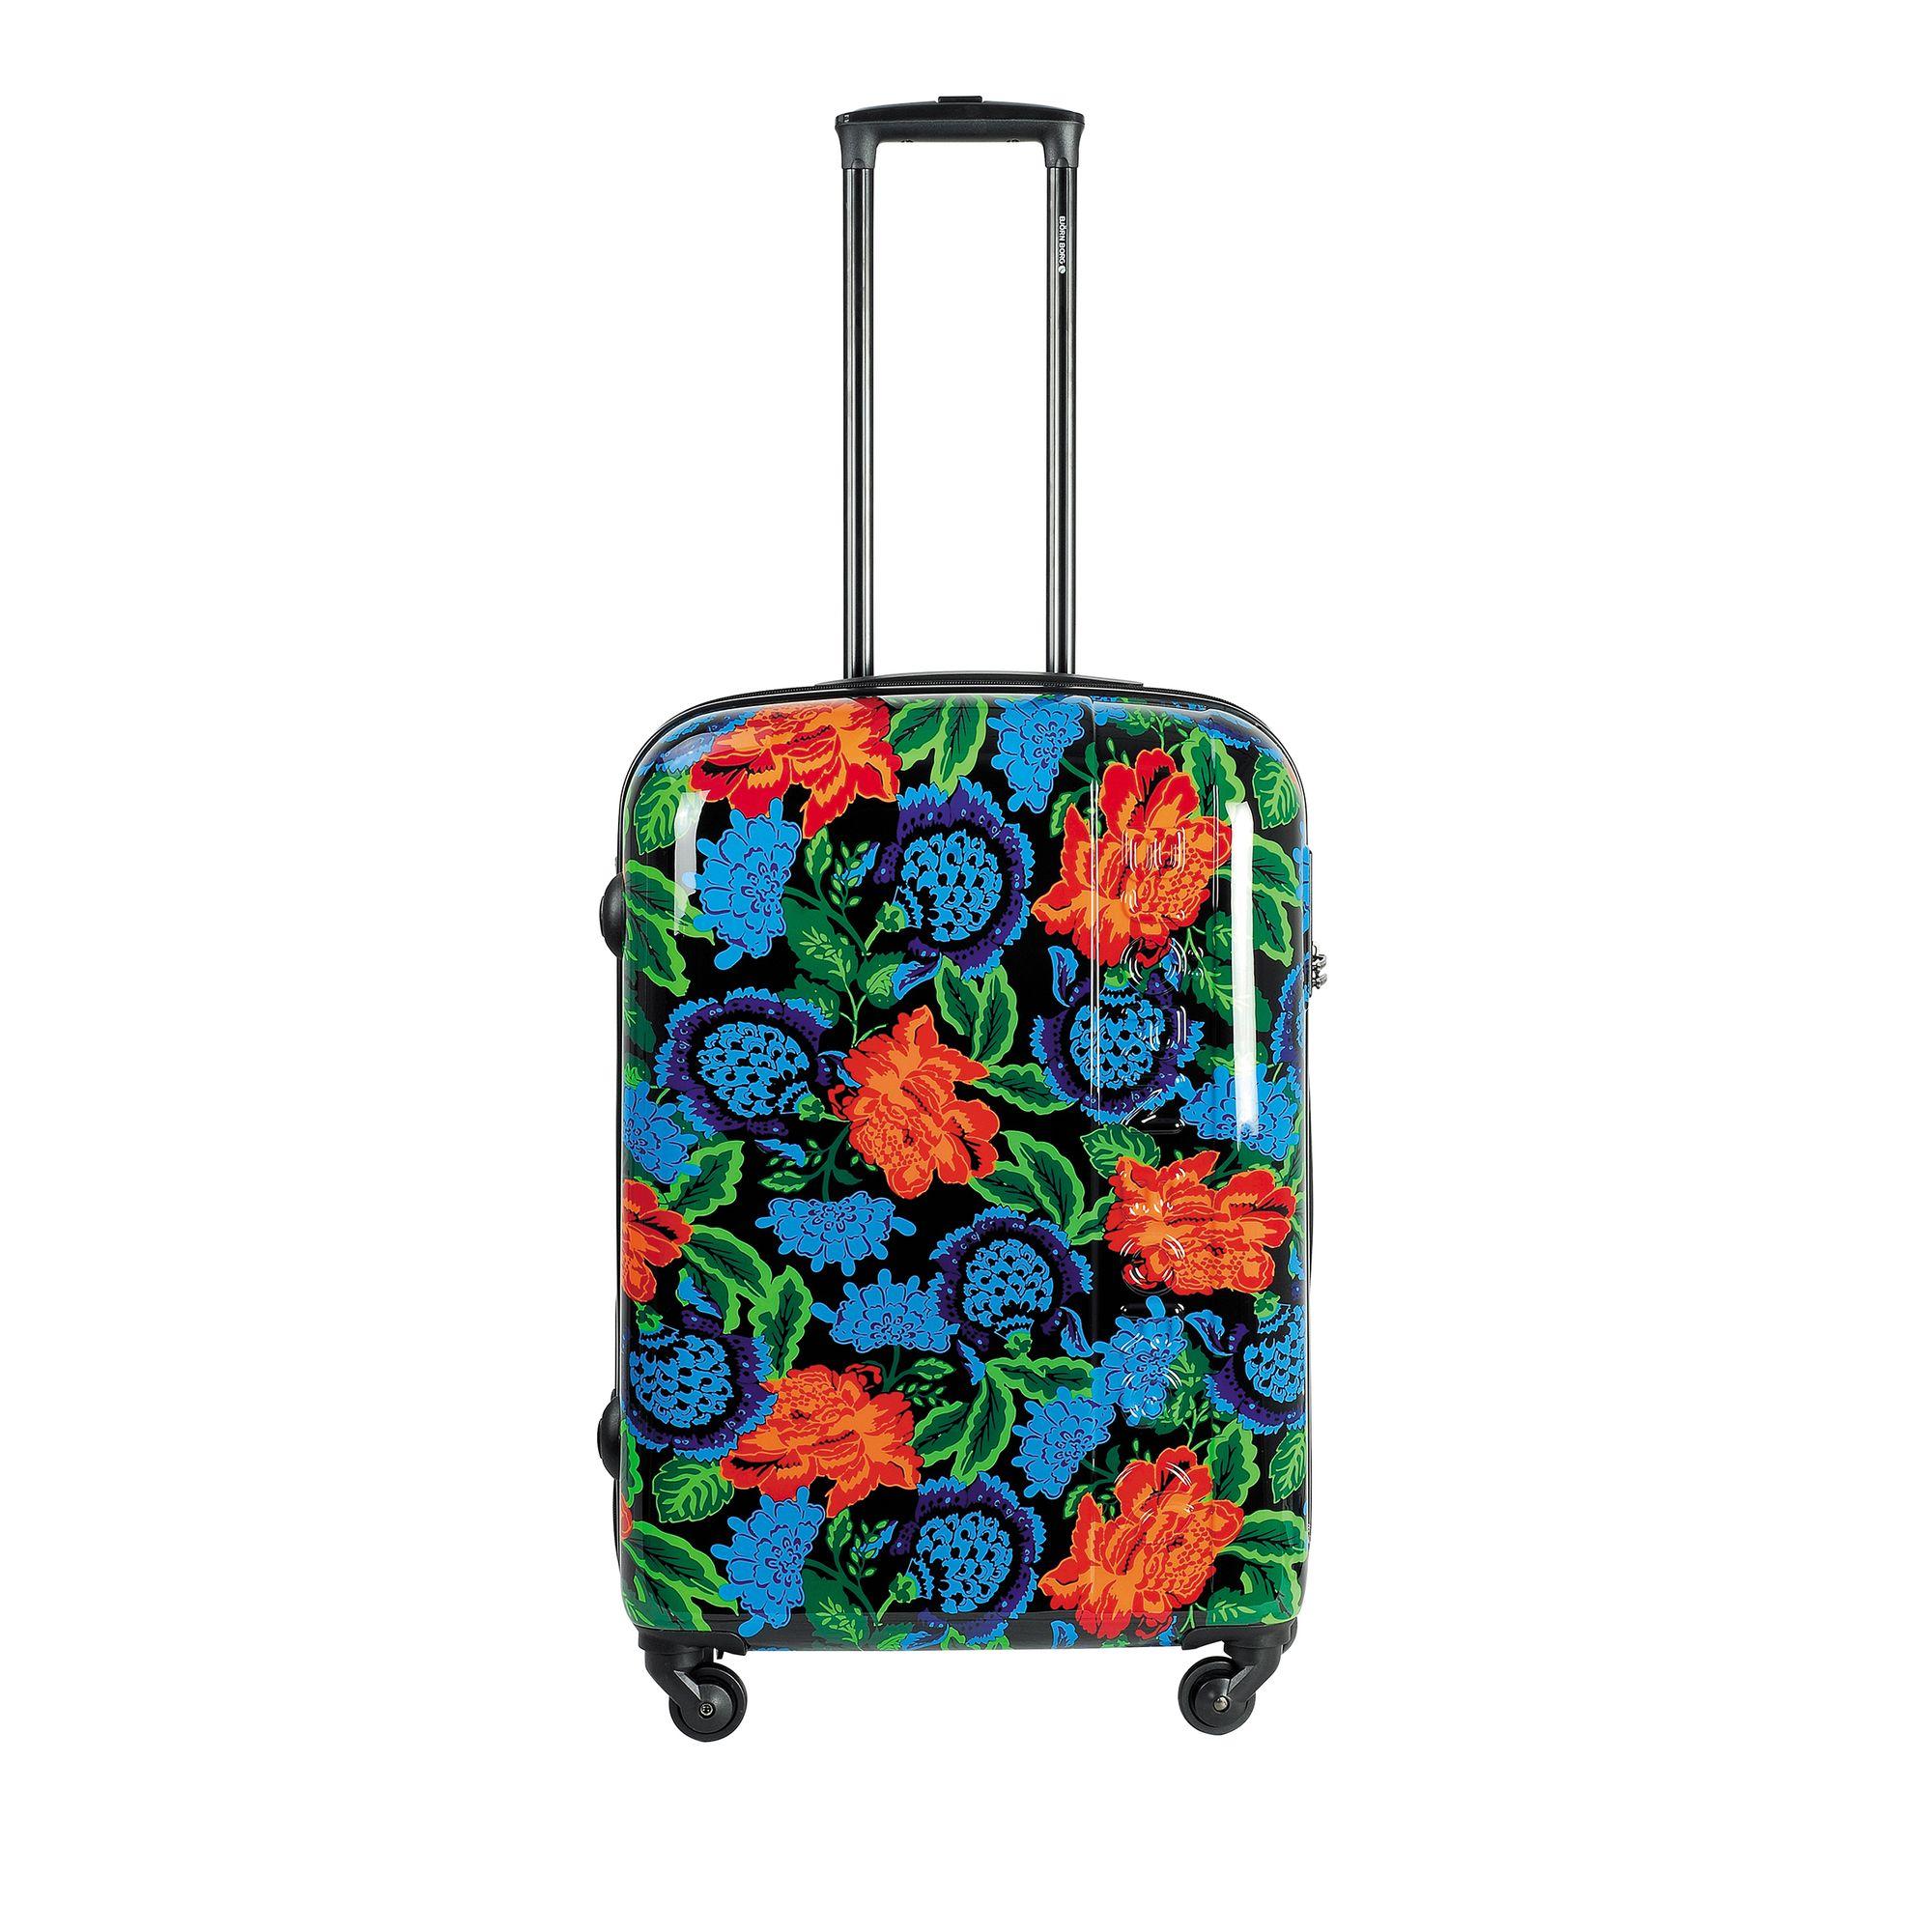 Björn Borg Hot Solid resväska, 4 hjul, 55/65/78 cm, Svart med mönster, 67cm